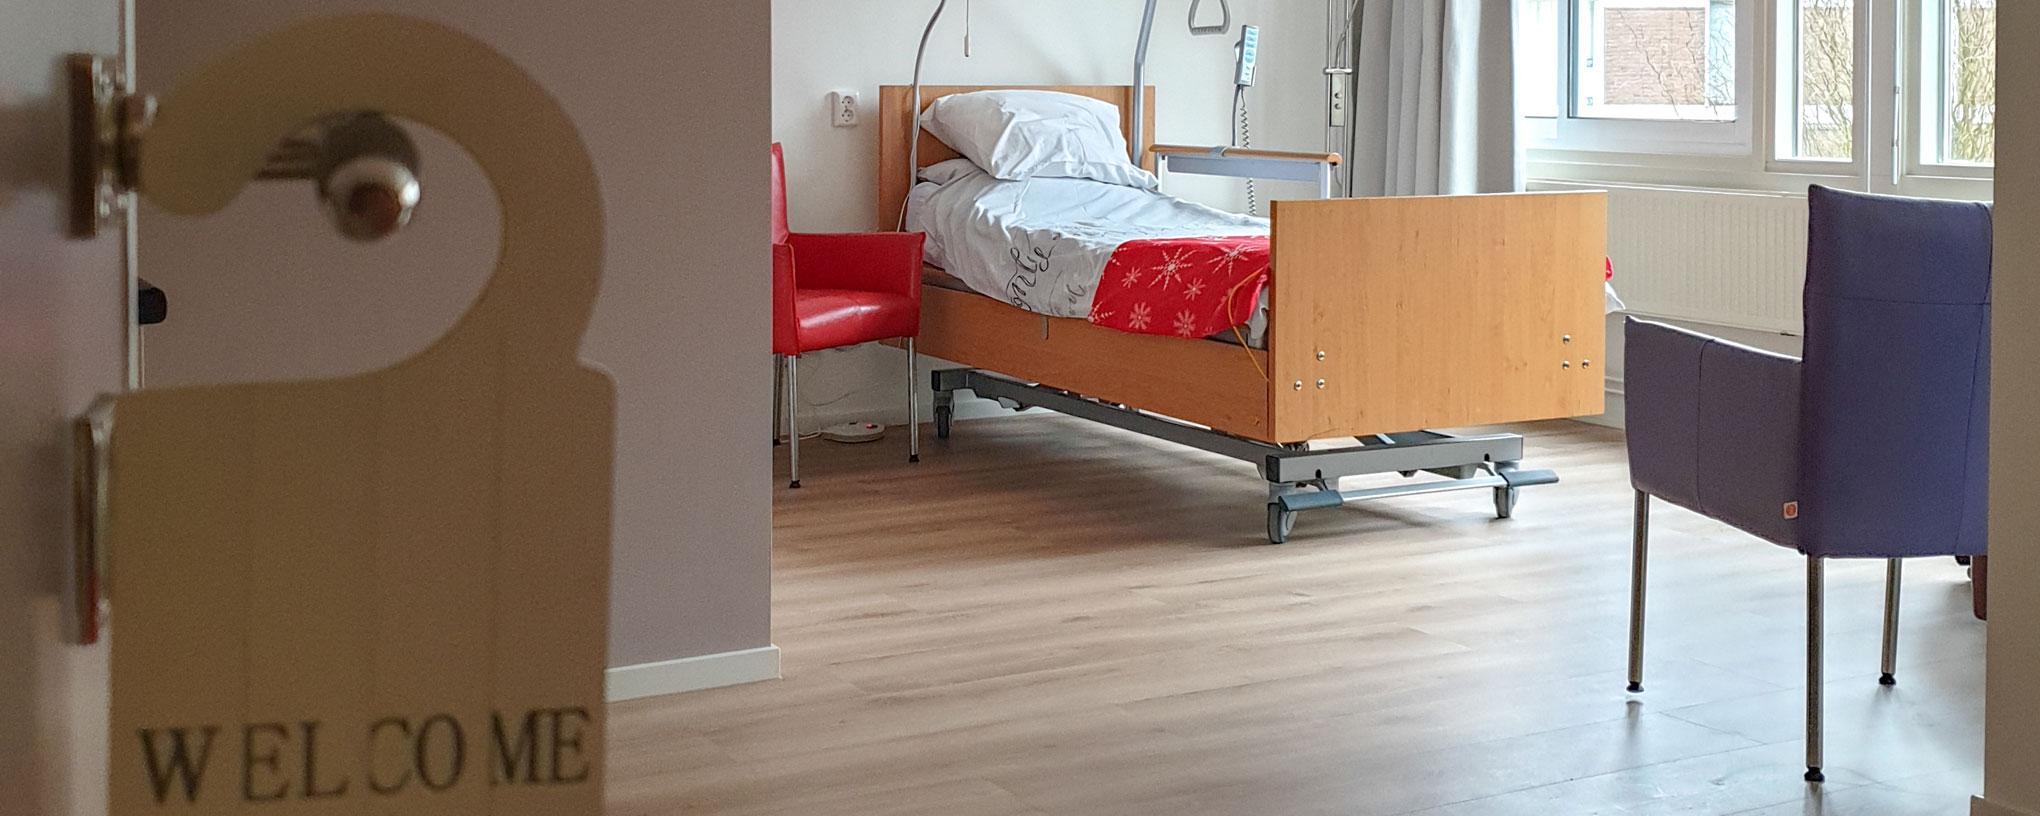 een beeld van een kamer in het Hospice